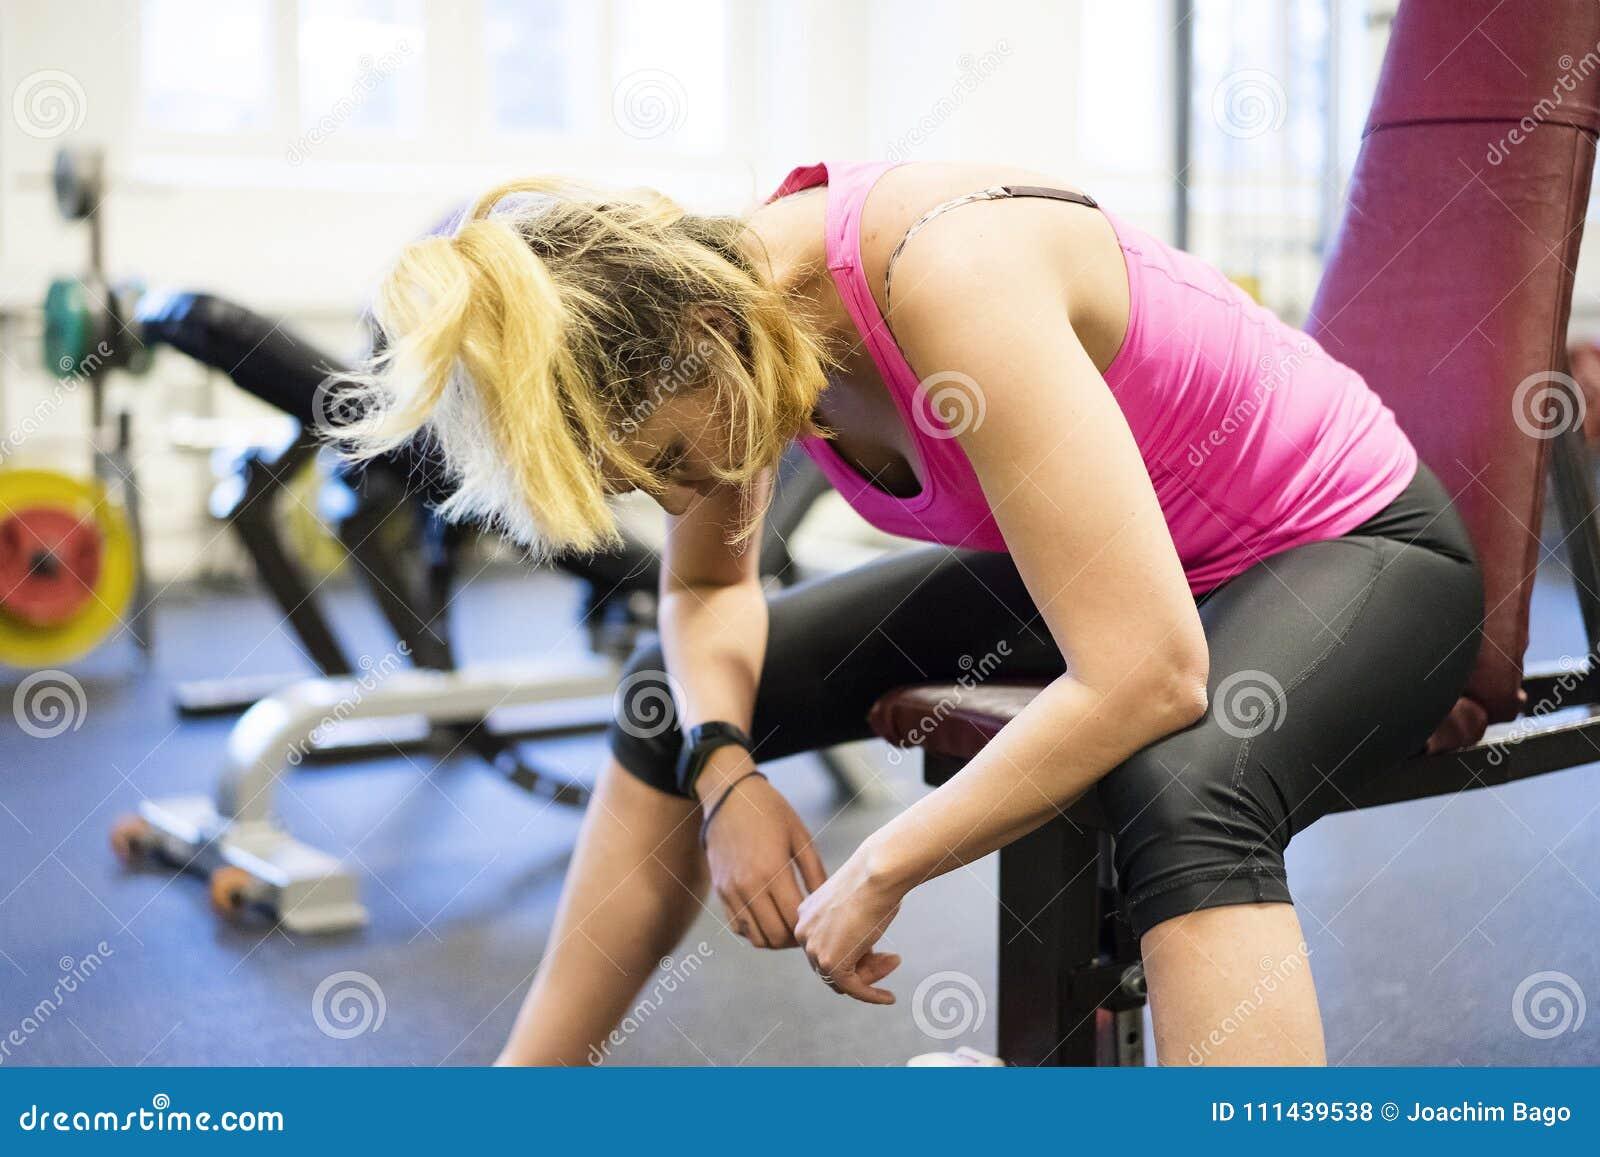 Entrenamiento escandinavo rubio caucásico de la muchacha de la aptitud en la reclinación del gimnasio agotada